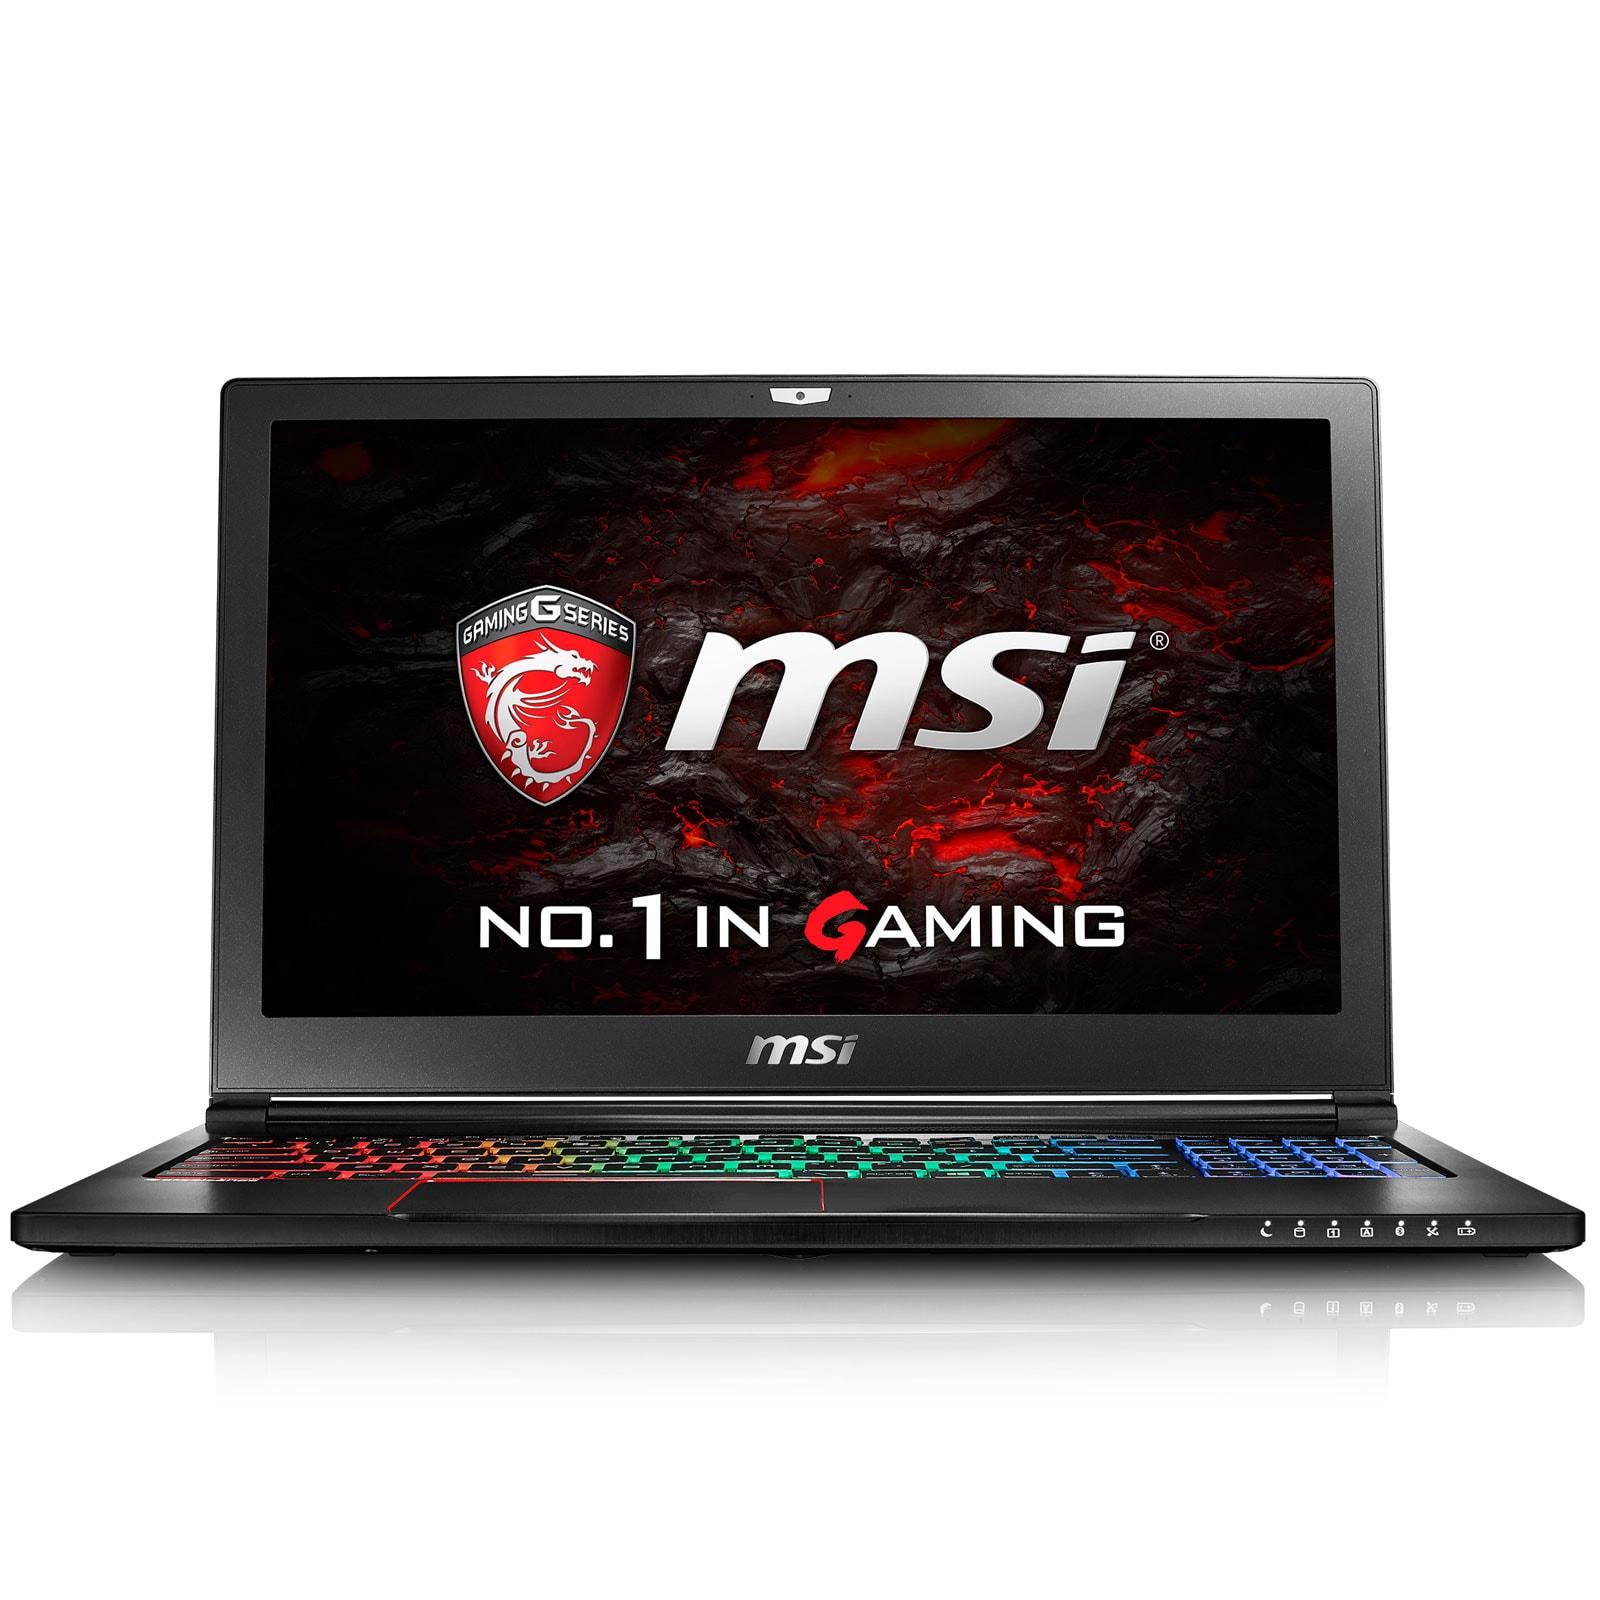 MSI 9S7-16K212-262 - PC portable MSI - Cybertek.fr - 3